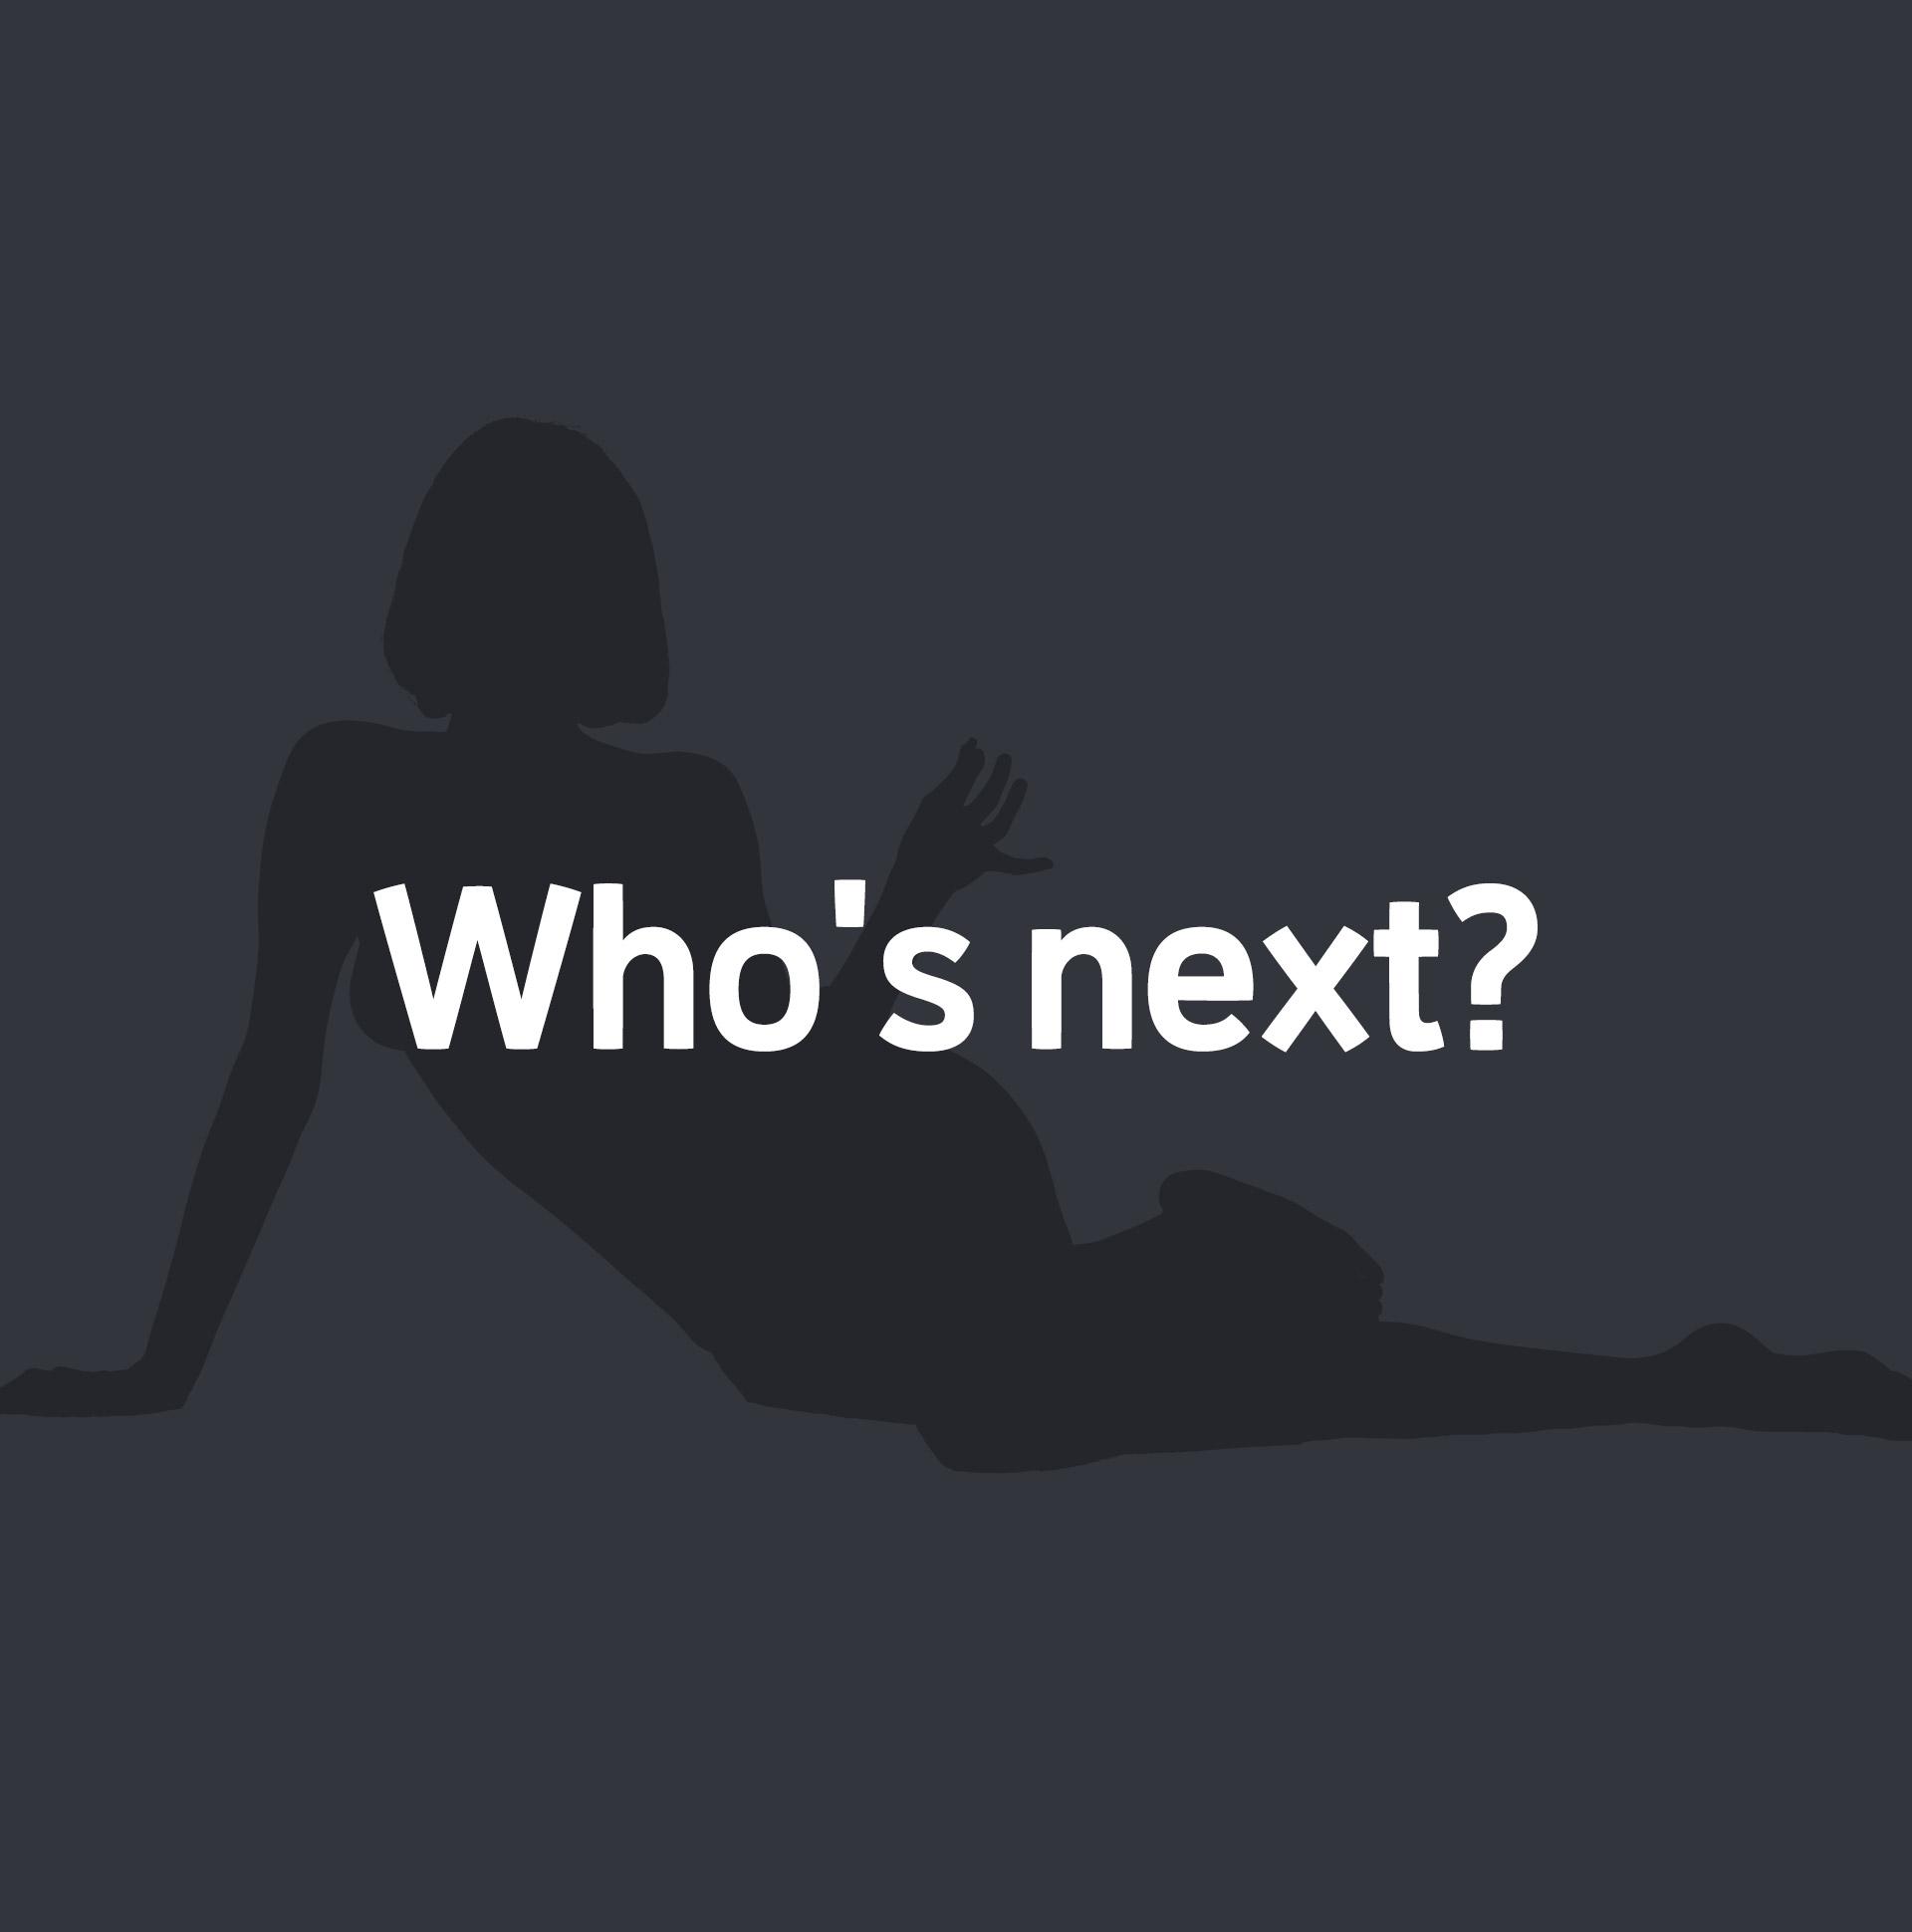 센스바디 다음 모델은?